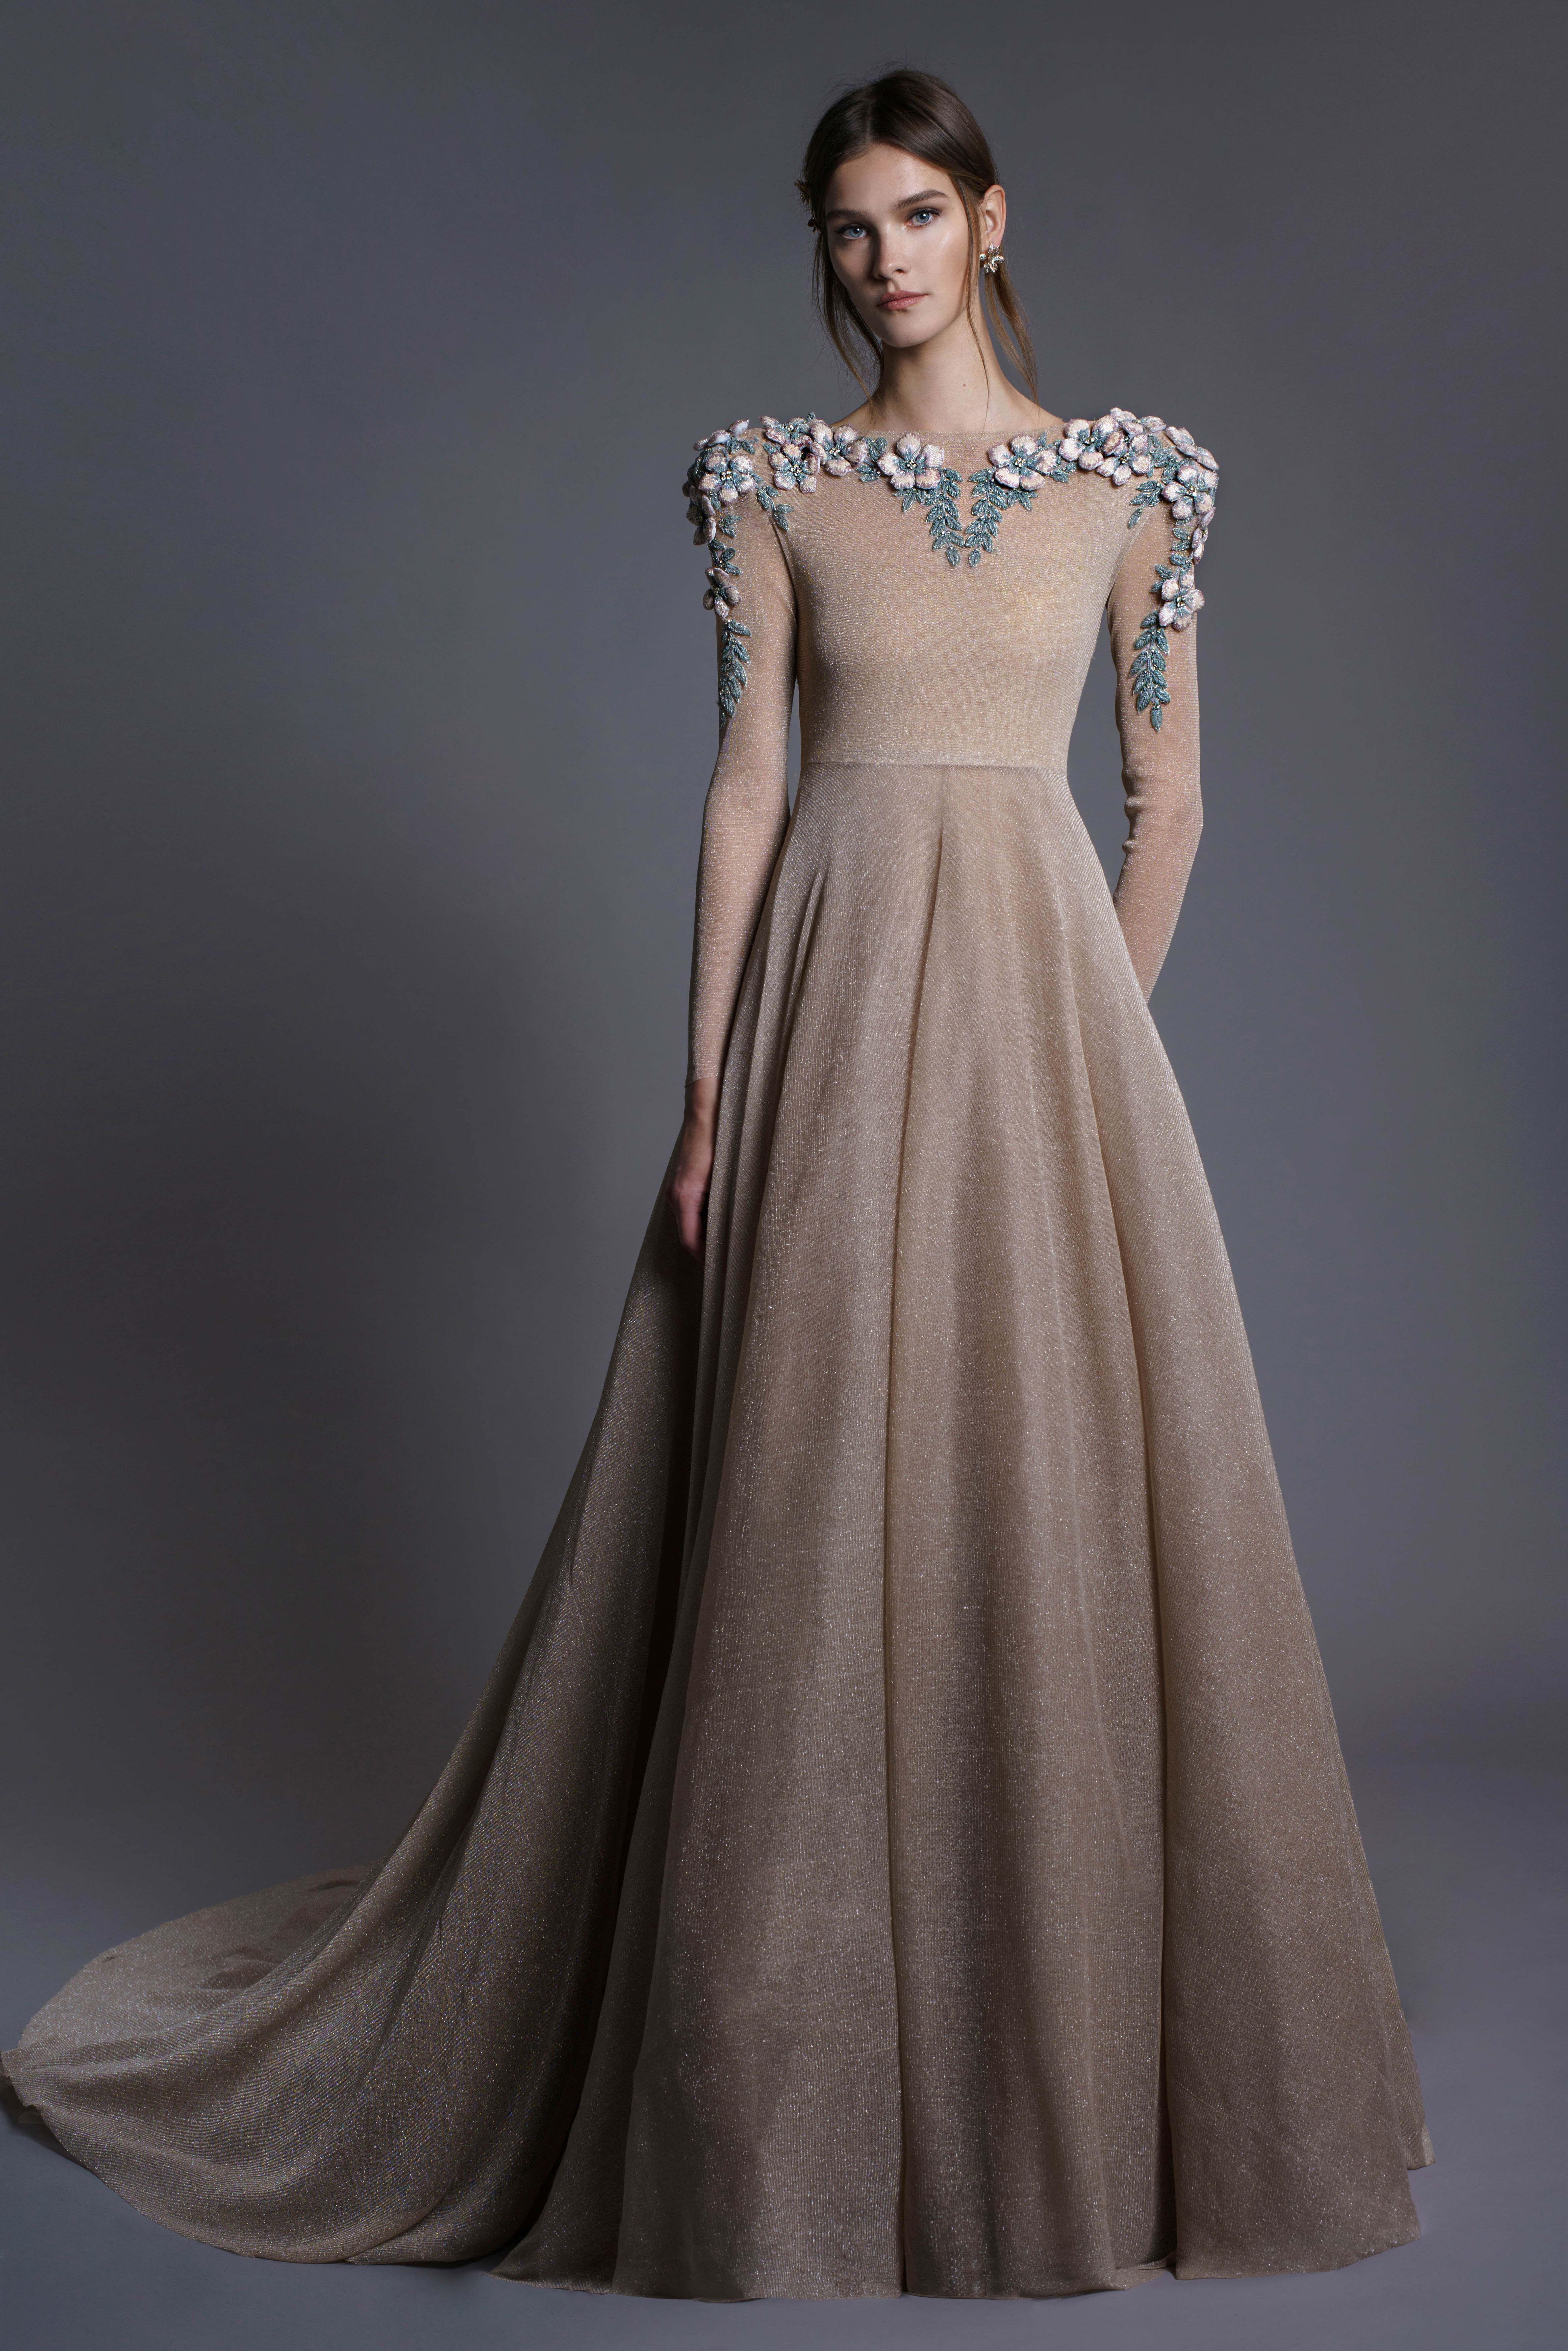 0f6fe30830a Chana Marelus Yael Hijab Dress